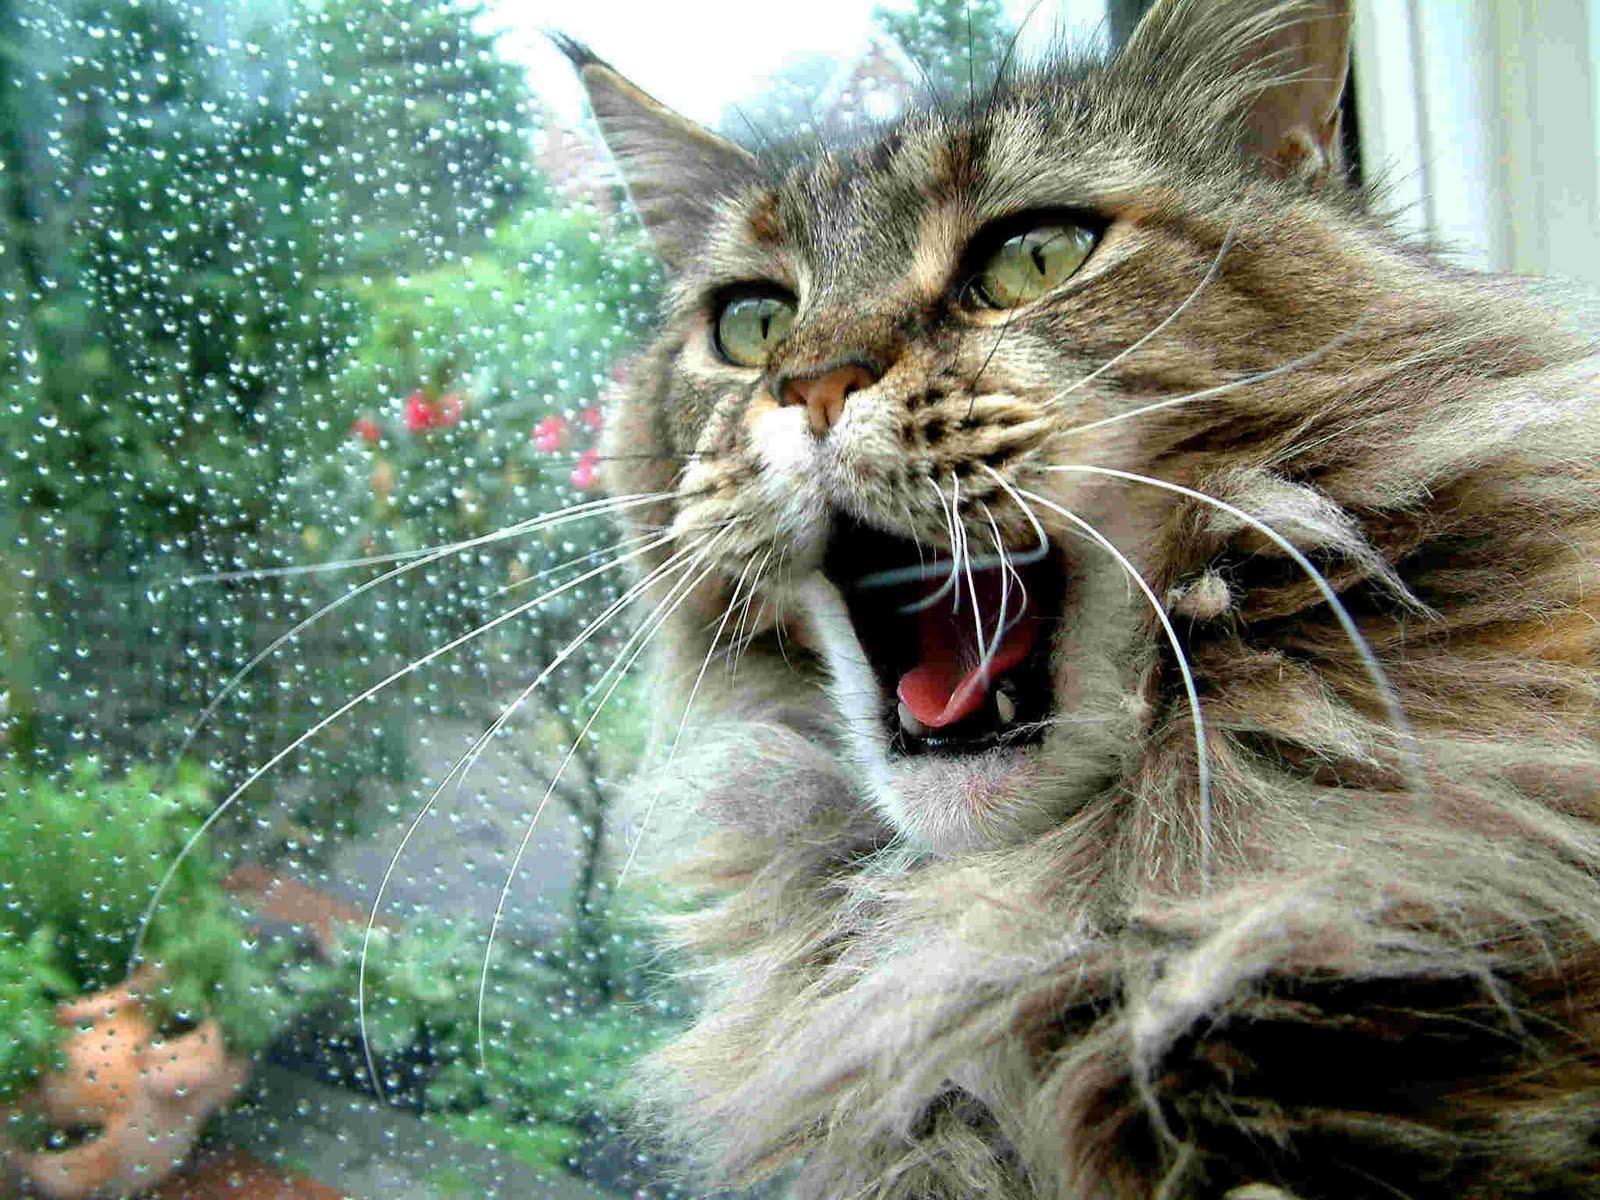 http://1.bp.blogspot.com/-WUOSUikK3QM/ThjyzGNyKTI/AAAAAAAAHmE/VbCMc9bbMeU/s1600/maine-coon-cats.jpg